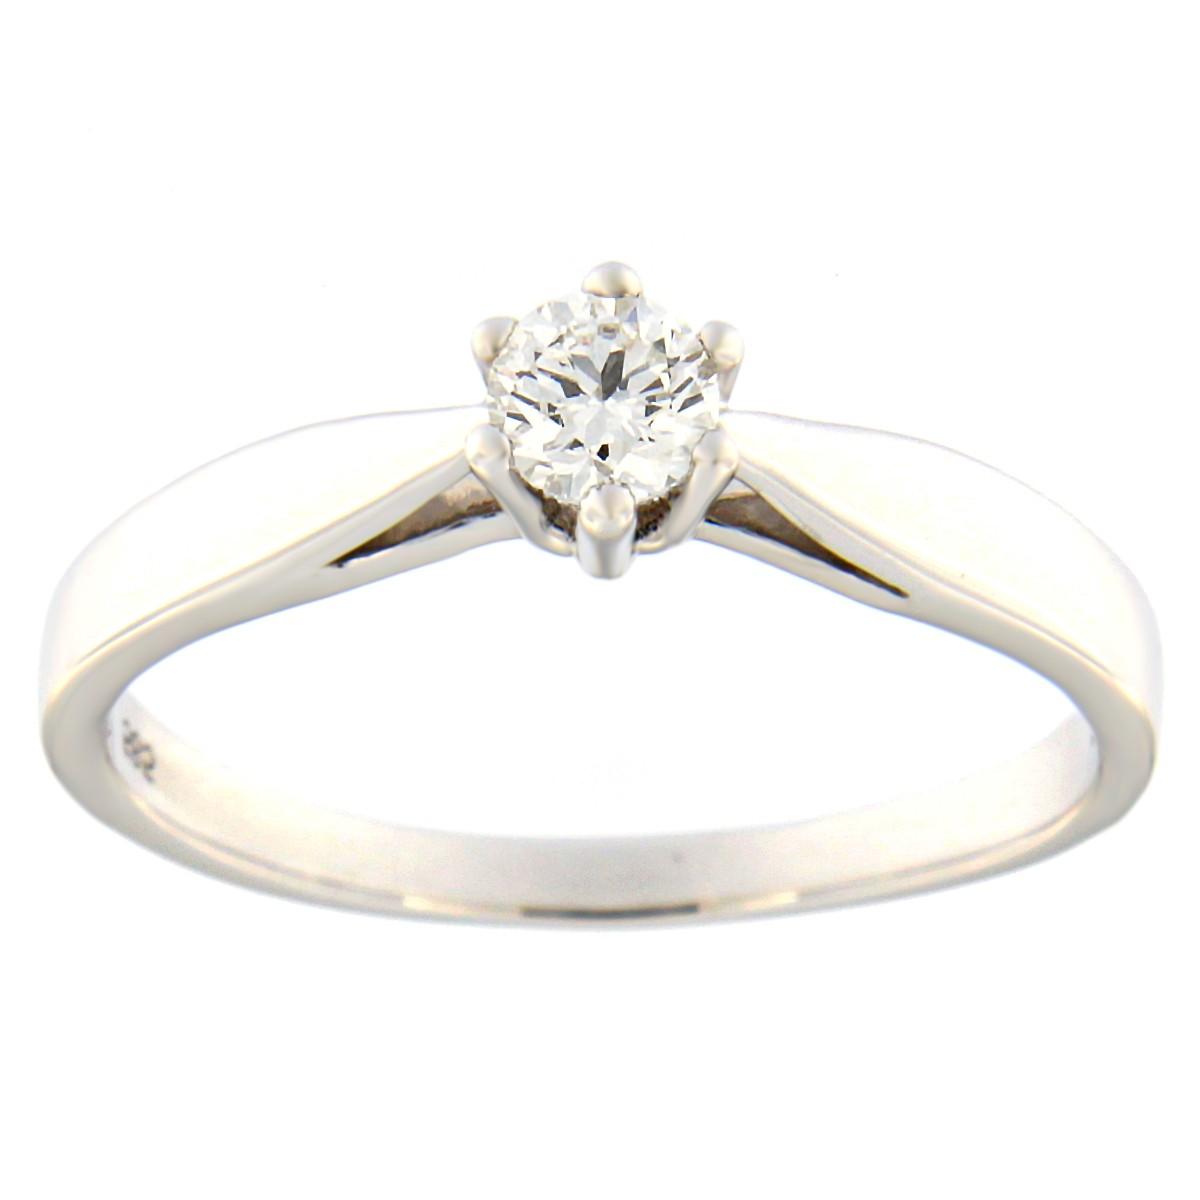 Kullast sõrmus teemantiga 0,19 ct. Kood: 48at